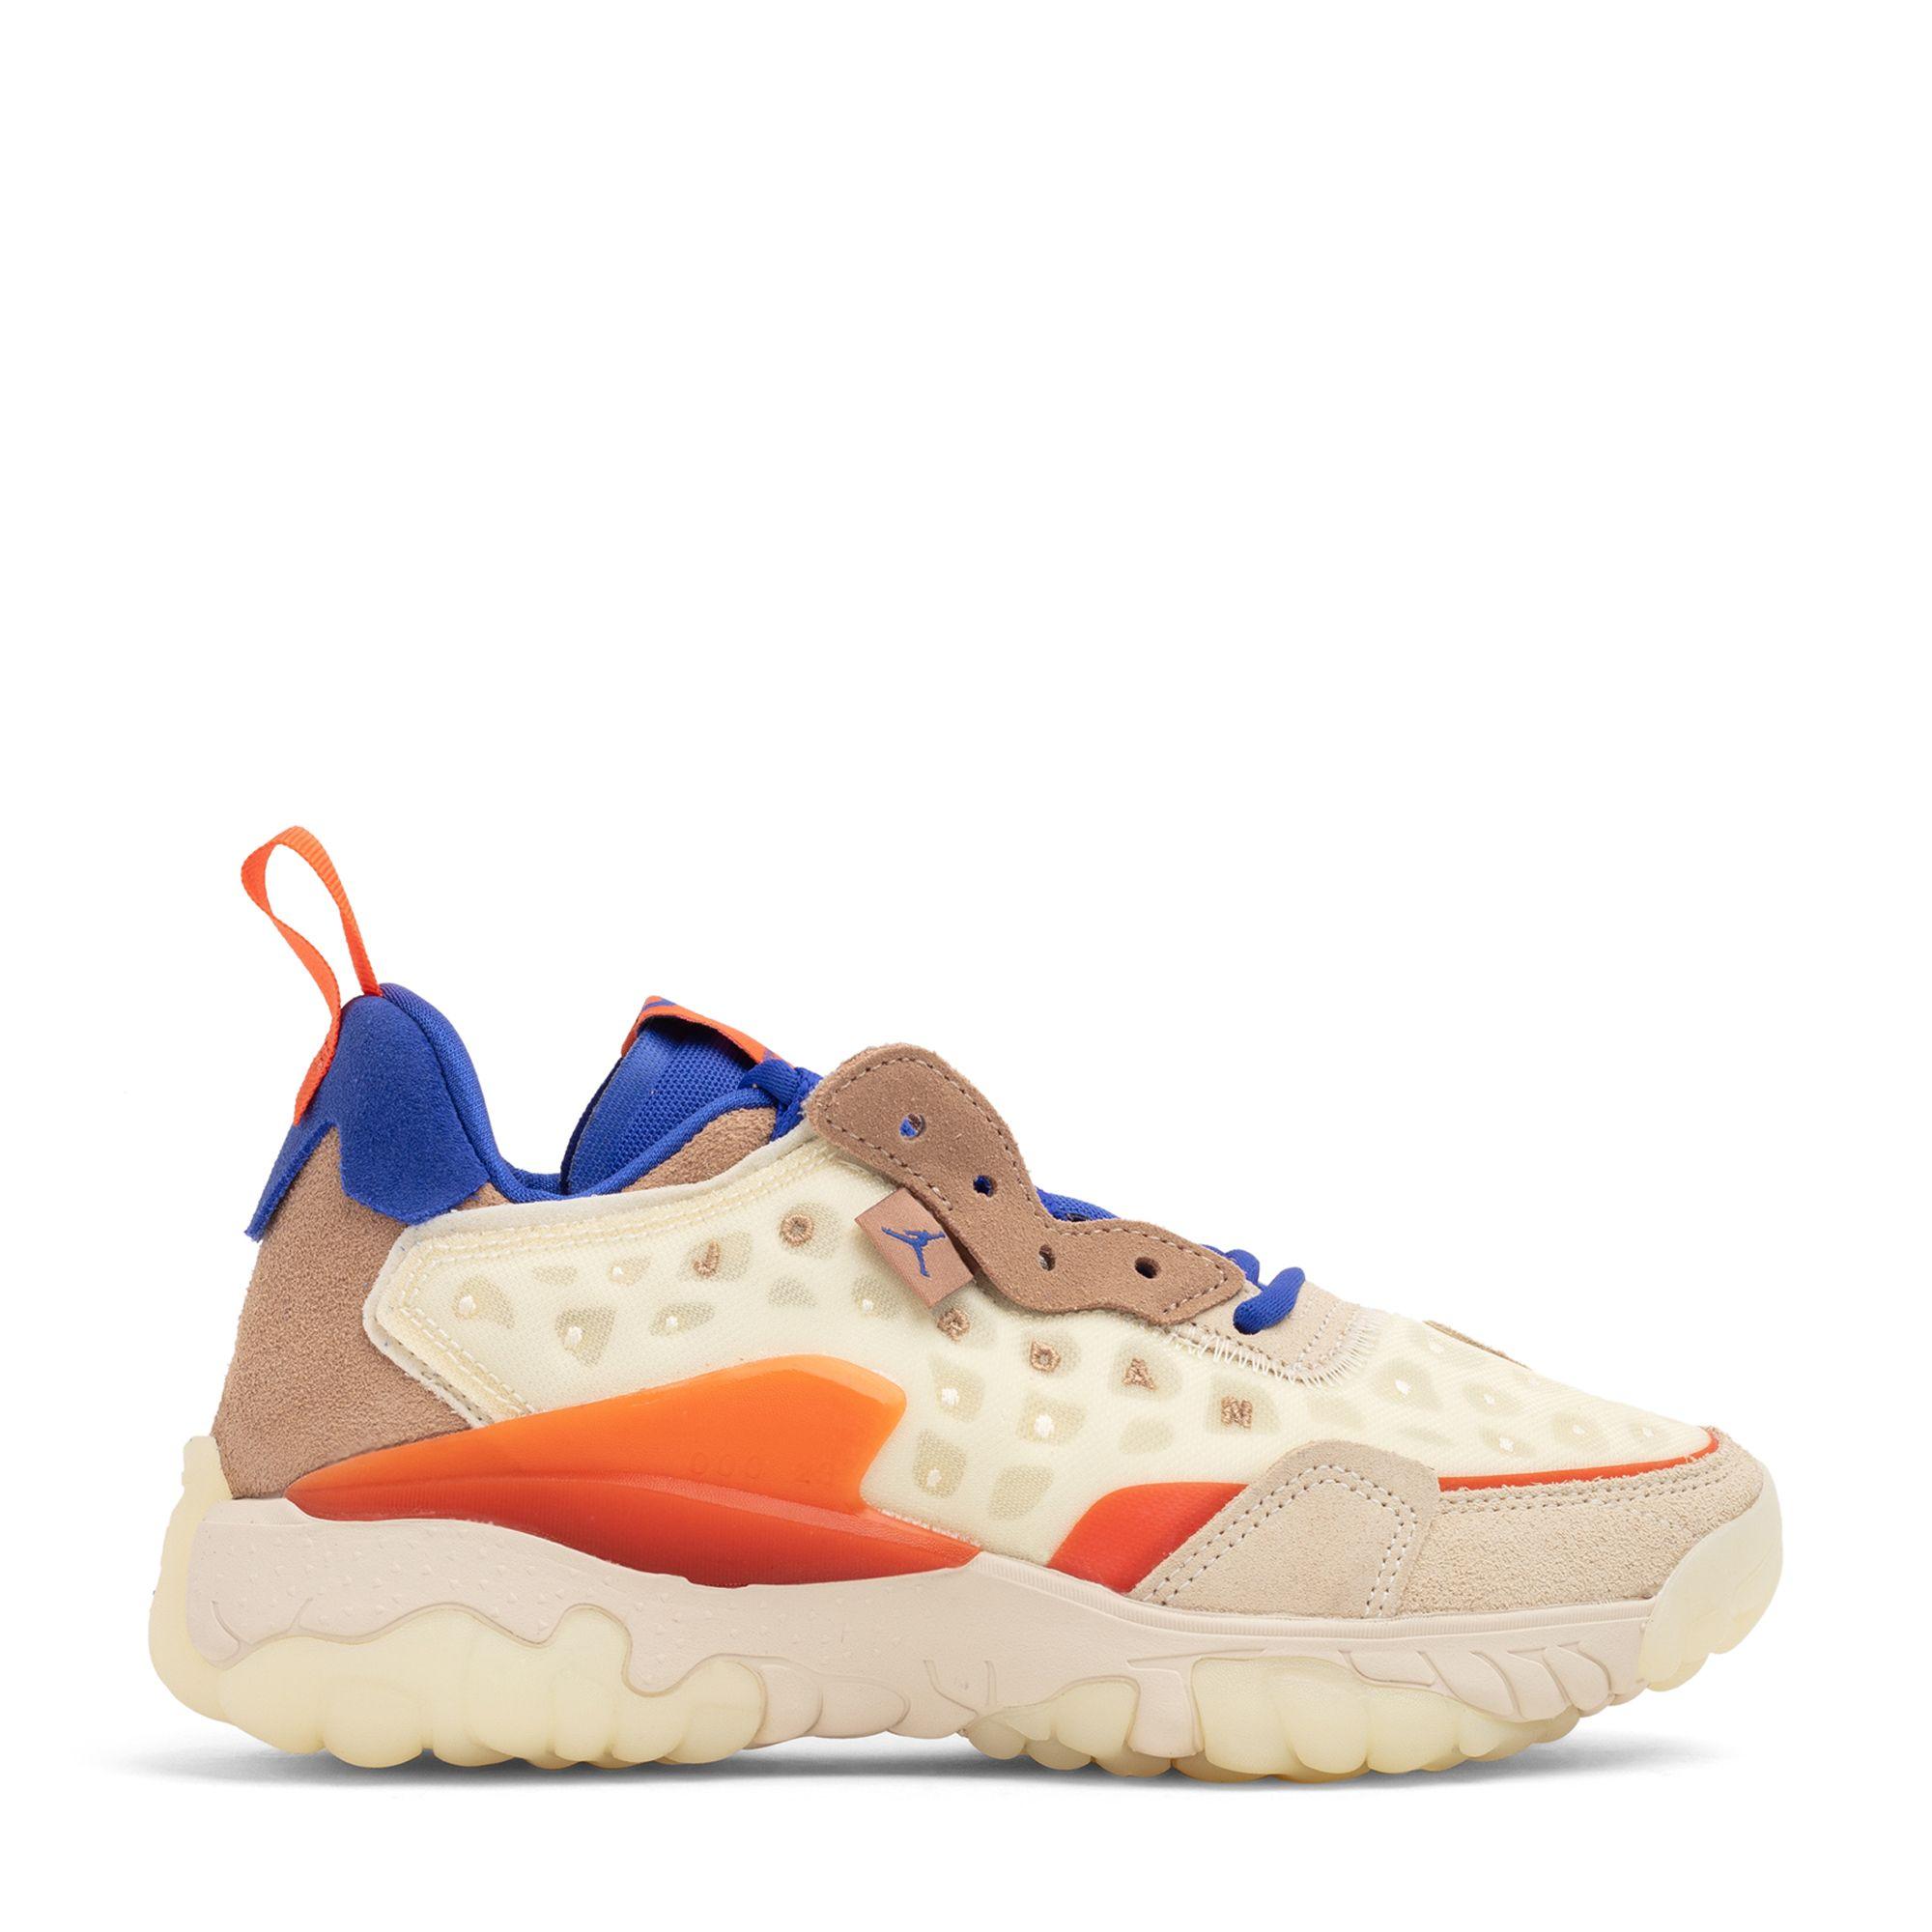 الحذاء الرياضي جوردان دلتا 2